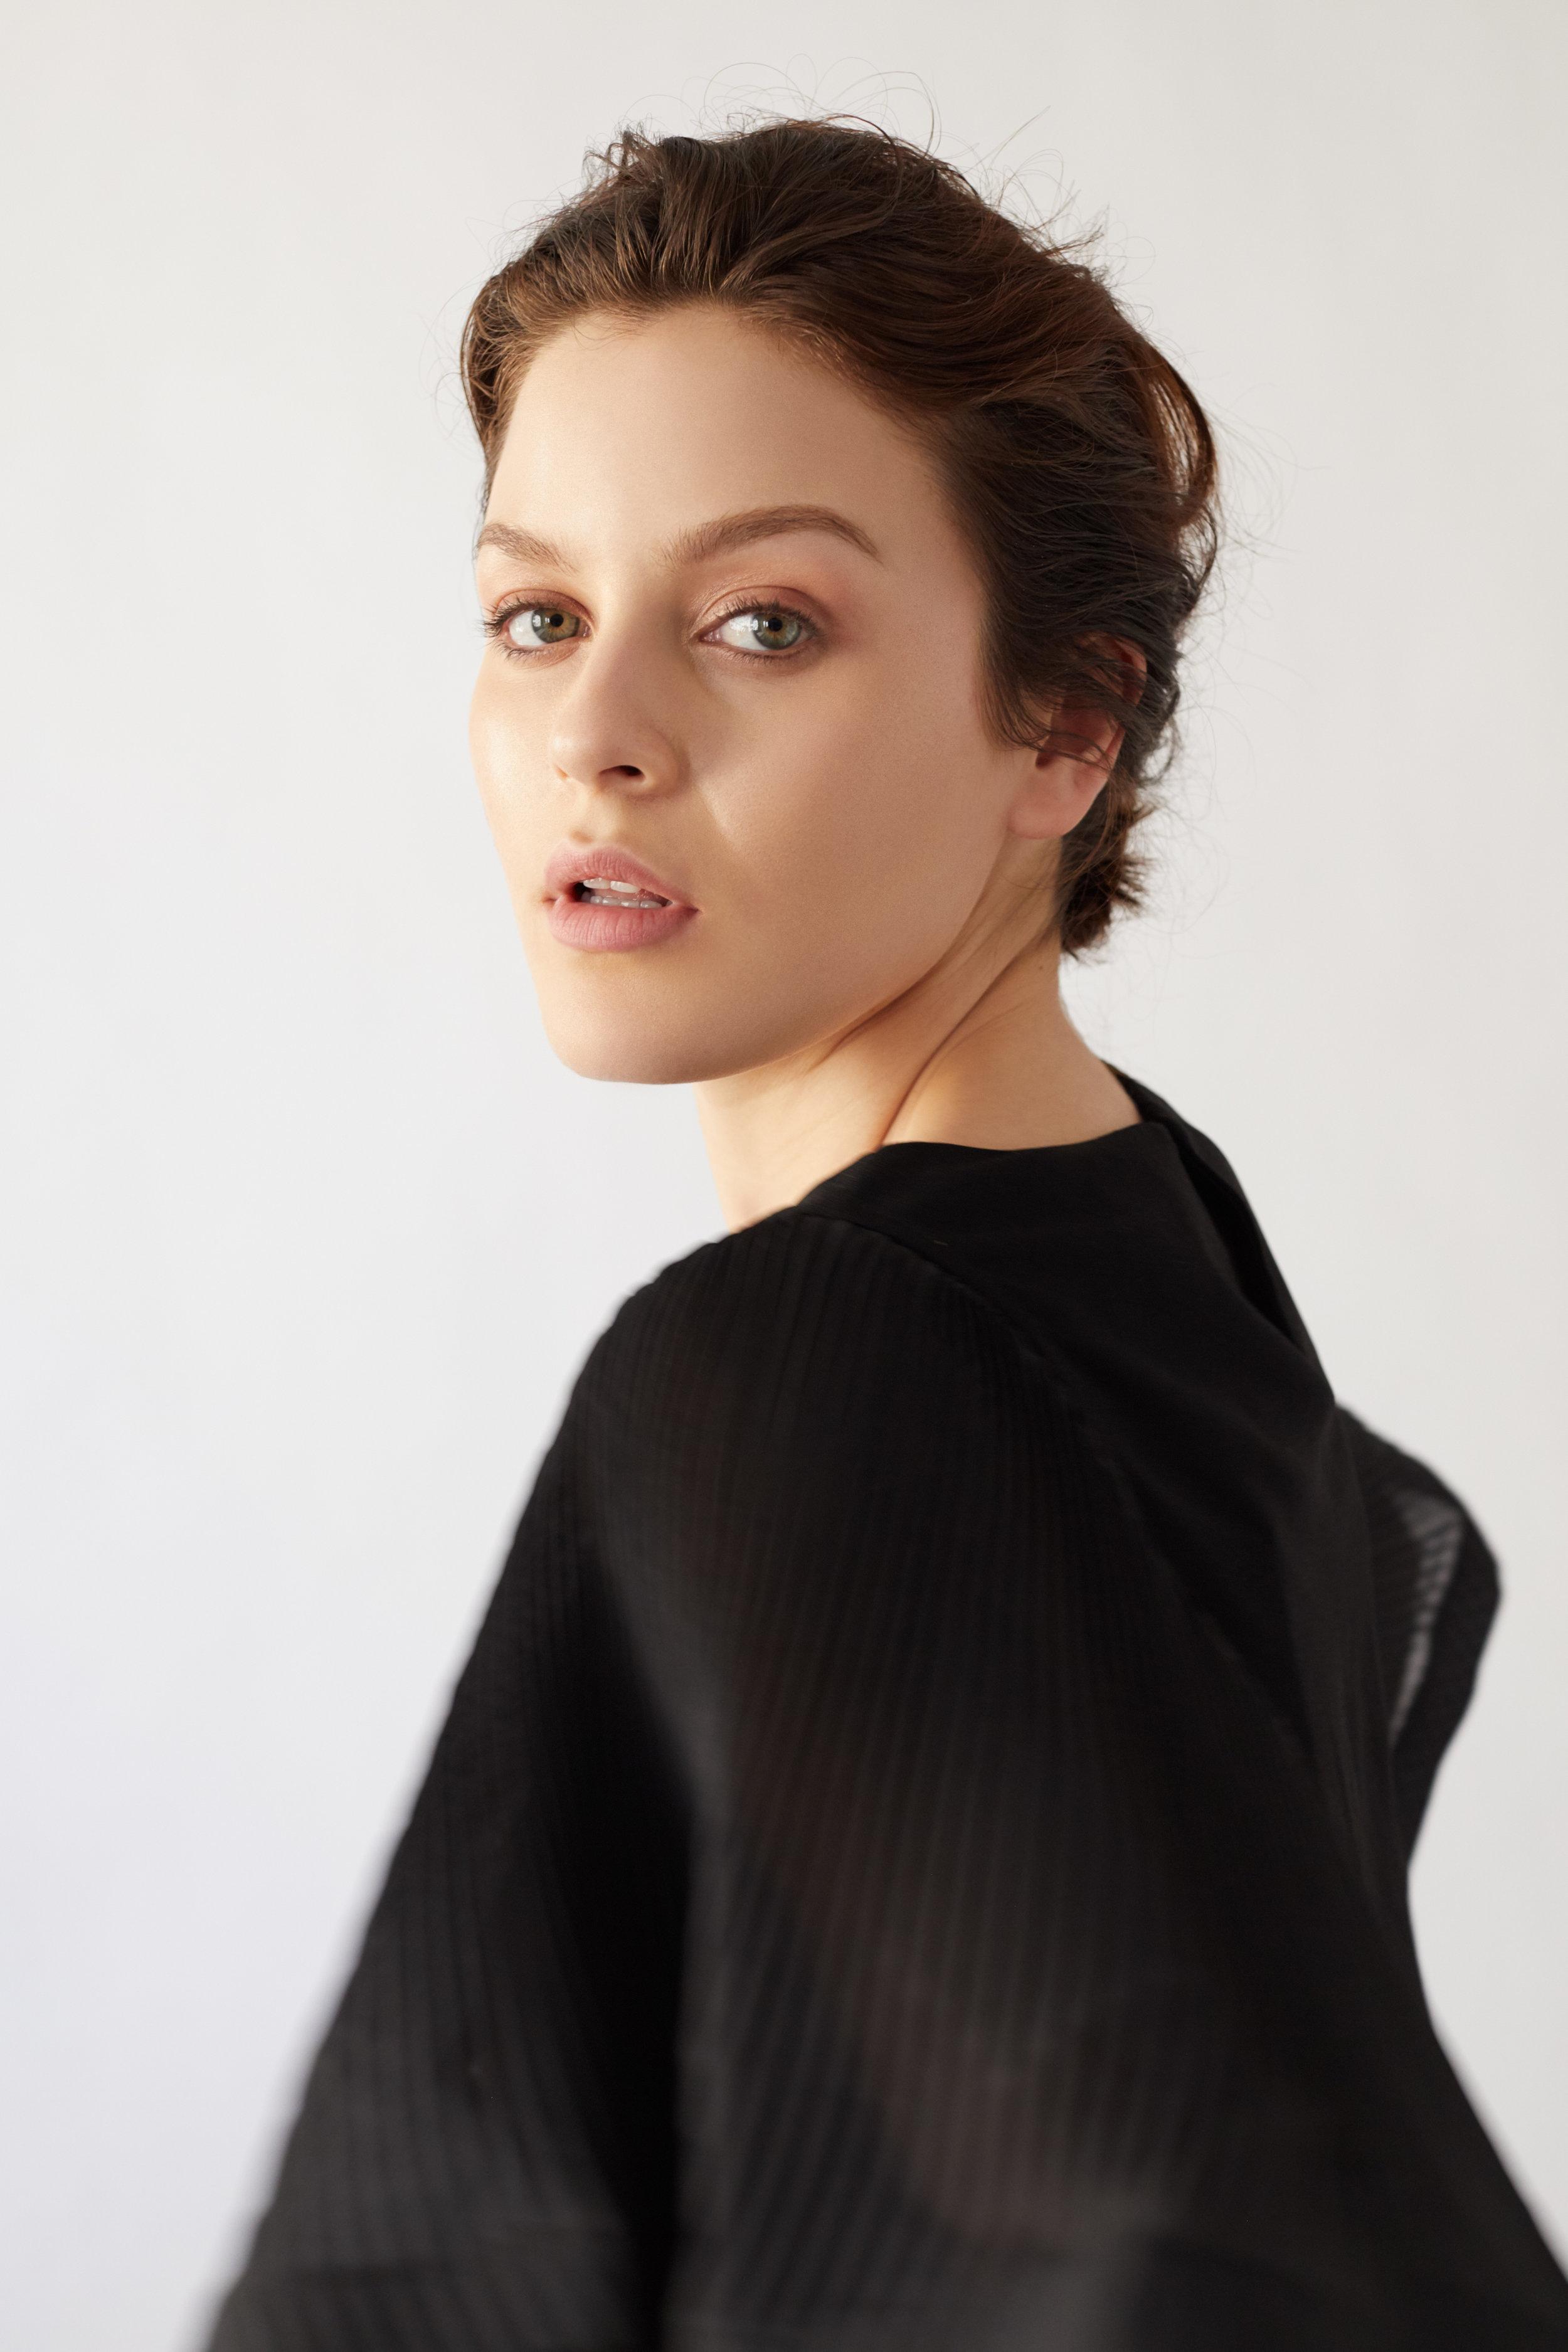 Emma Duarte